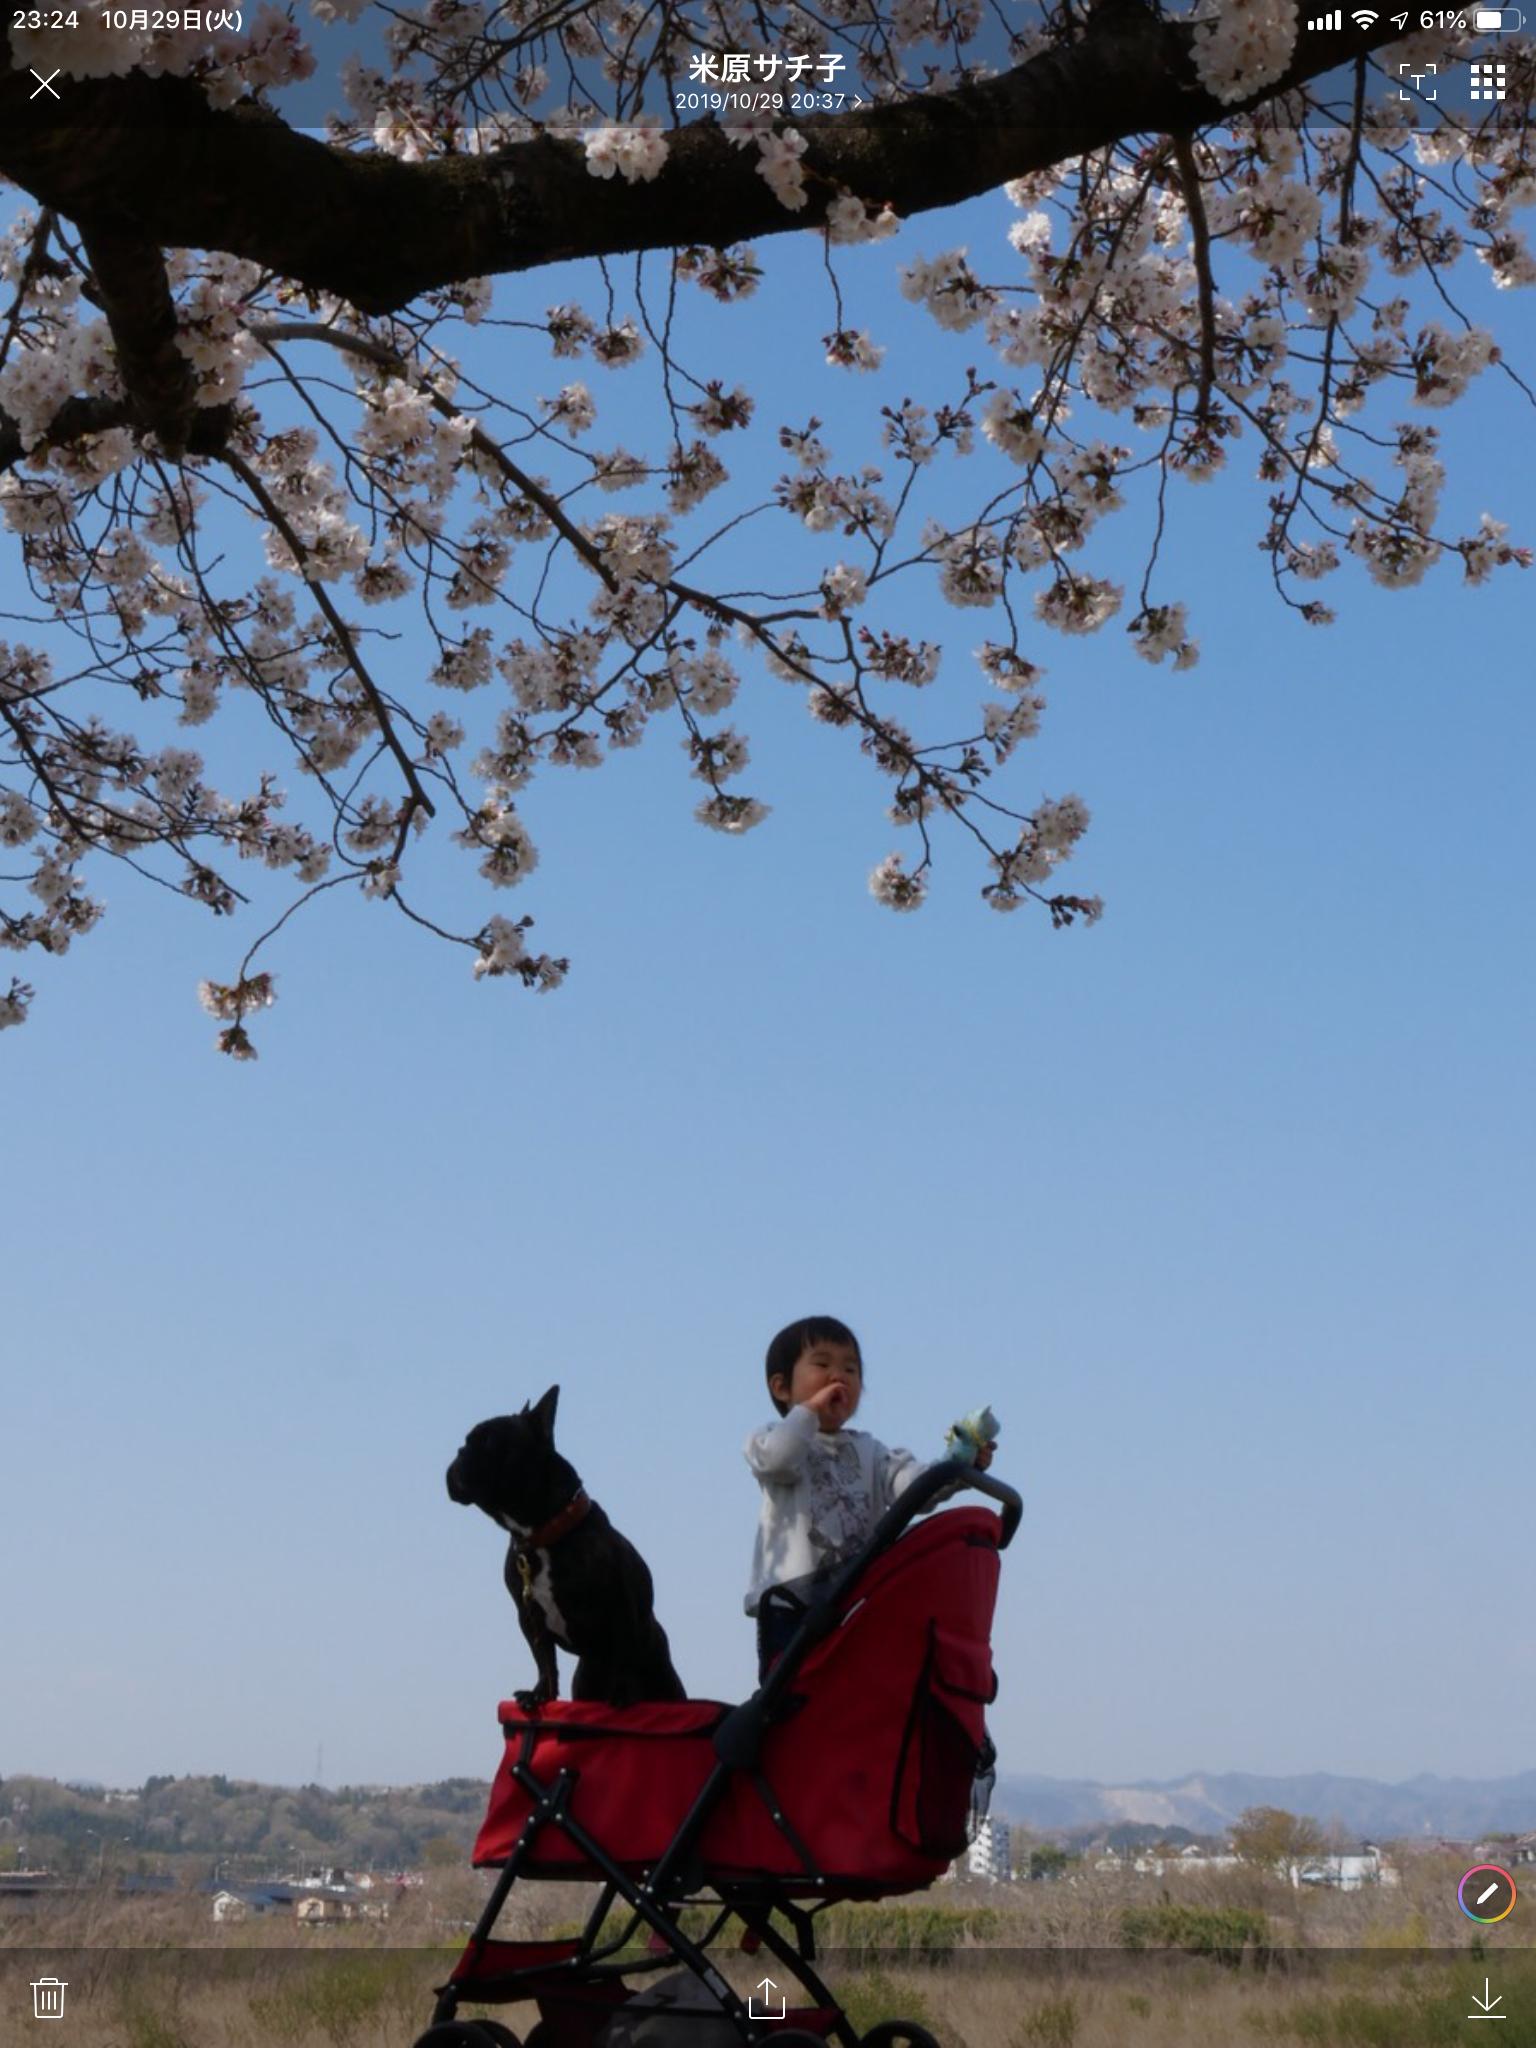 【生後 1歳 3ヶ月】卒業生A子ちゃん の歩み